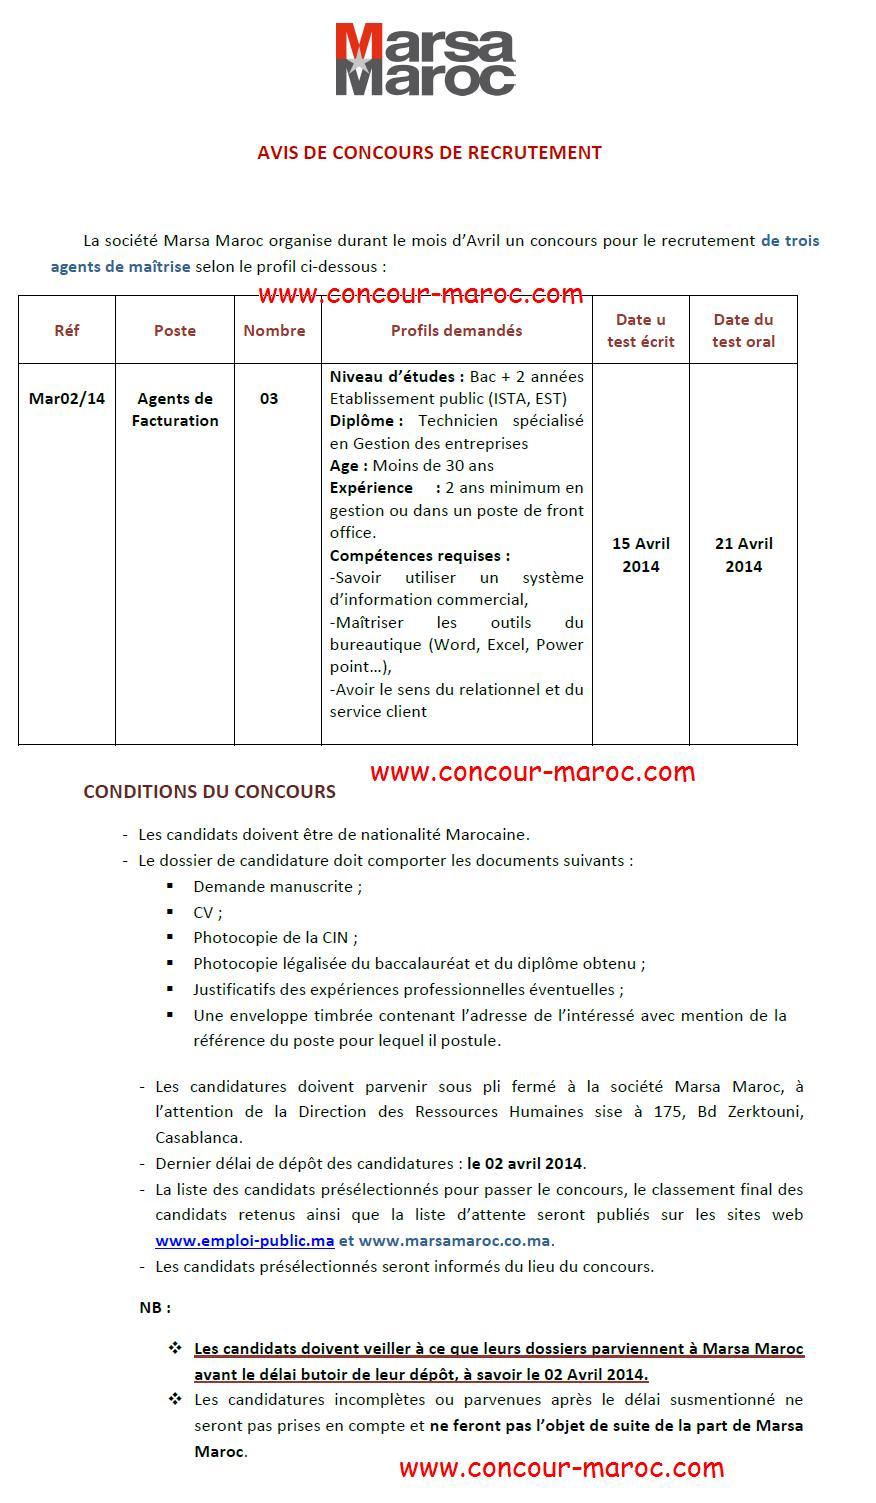 بشركة استغلال المونئ (مرسى ماروك) : مباراة لتوظيف ربان Pilote (1 منصب) و عون الفوترة Agent de facturation (3 مناصب) آخر أجل لإيداع الترشيحات 2 ابريل 2014 Concou83